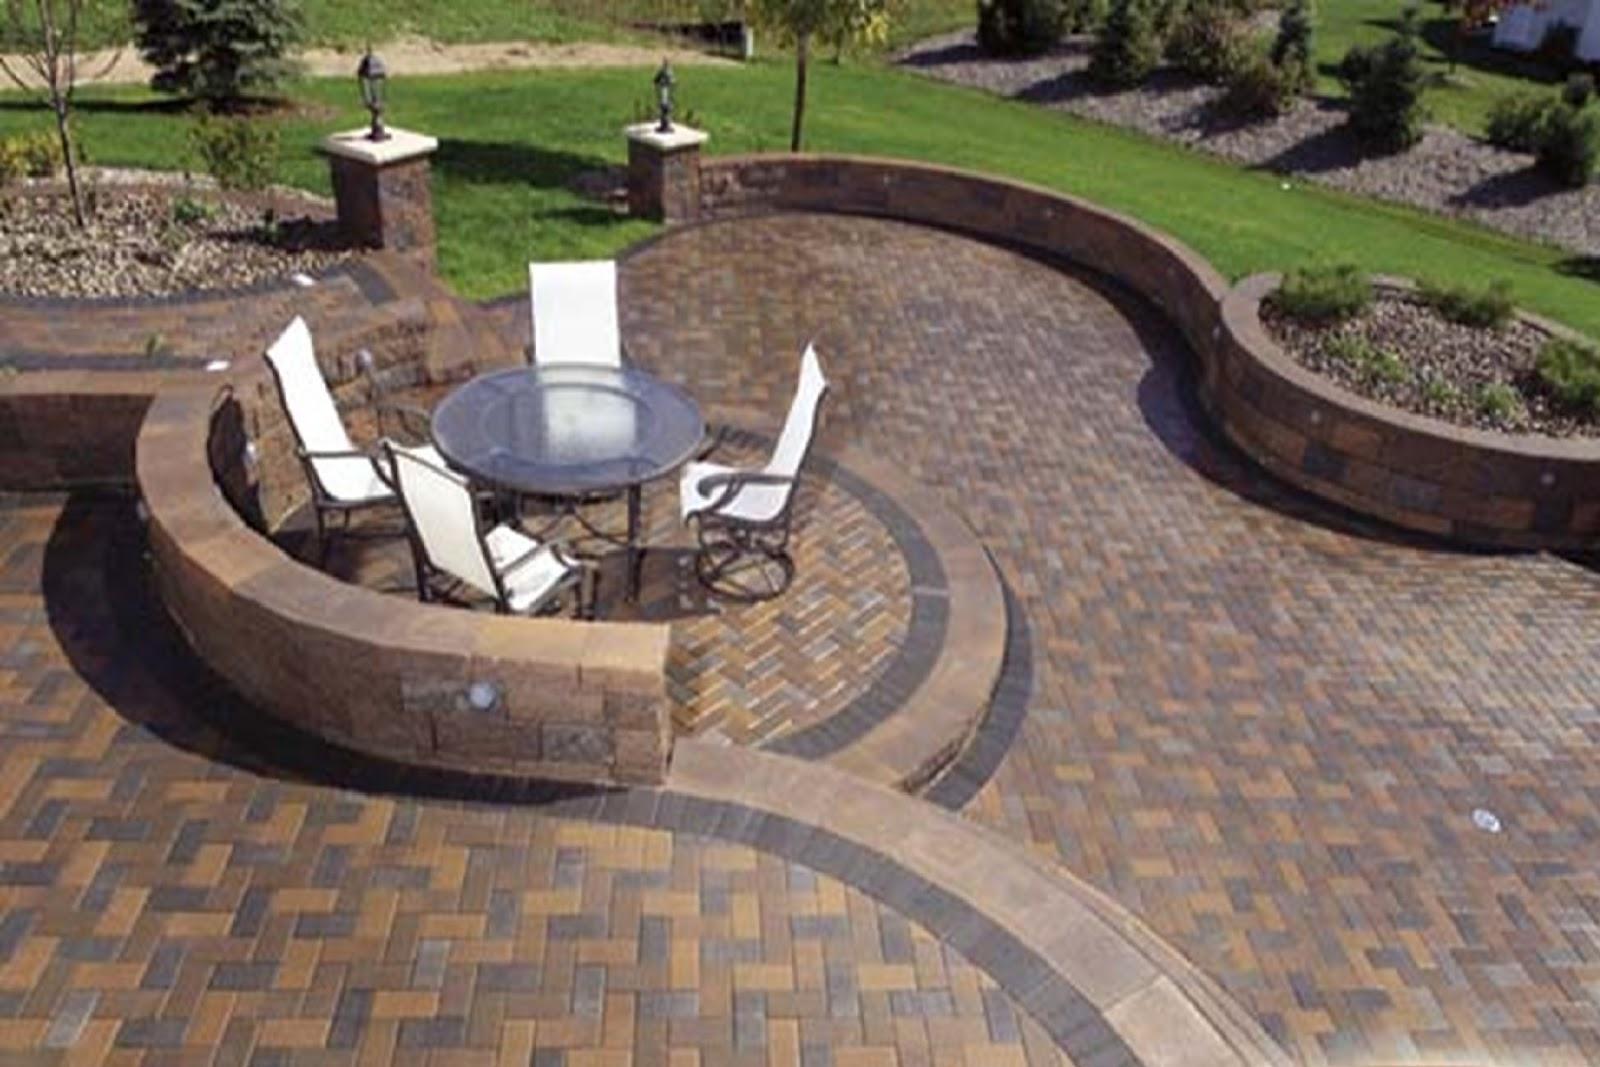 Beautiful Patio Decks Kansas City Patio Slate Kansas City Patio Wood Kansas City Patio  Flagstone Kansas City Patio Ponds Kansas City Patio Bluestone Kansas City